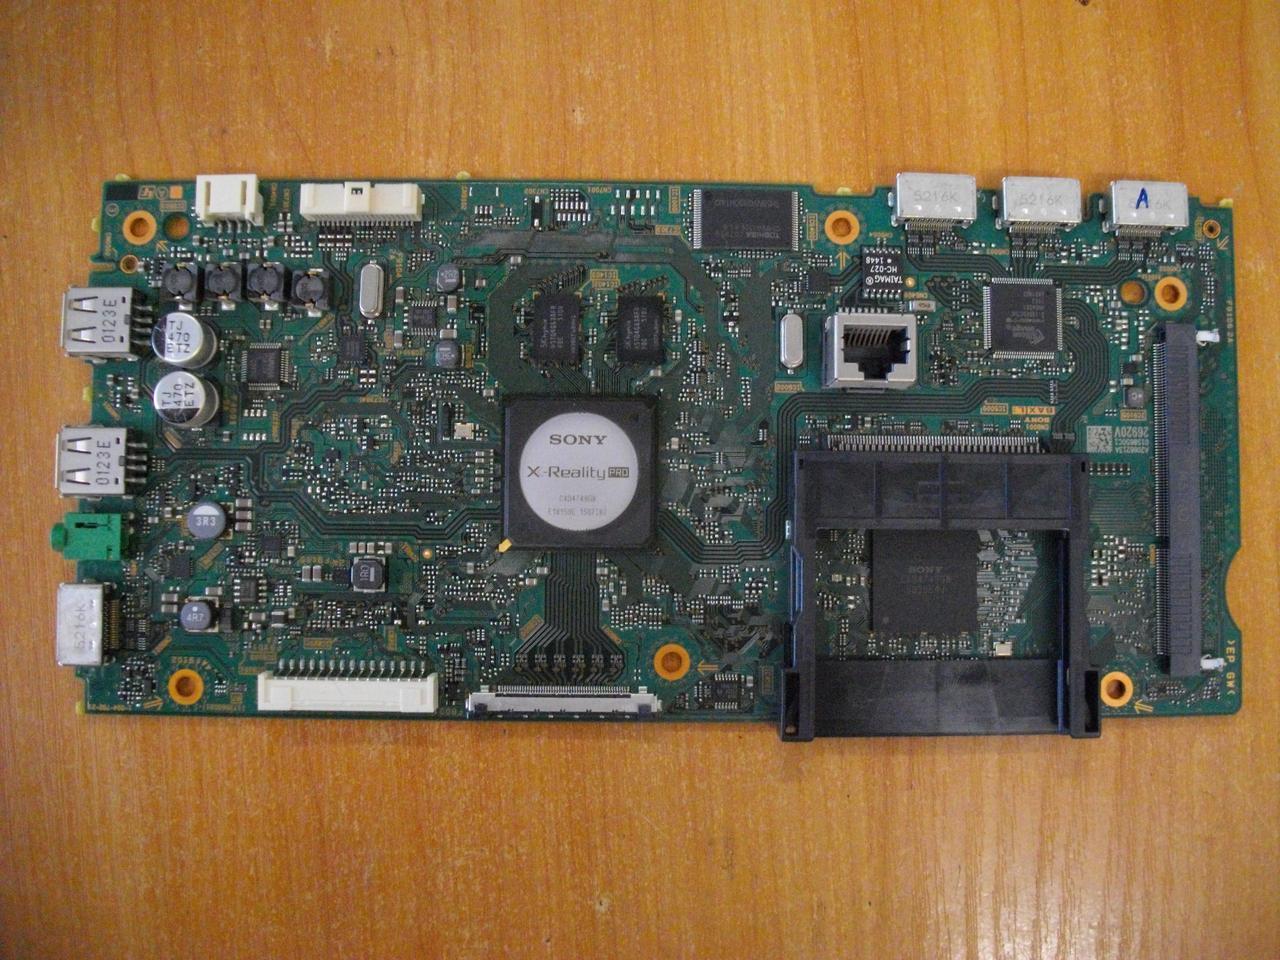 Плата системная, материнская Sony KDL-40W705C, A2066213A, 1-894-792-21, 173566021, 0158650C1, 26920V.